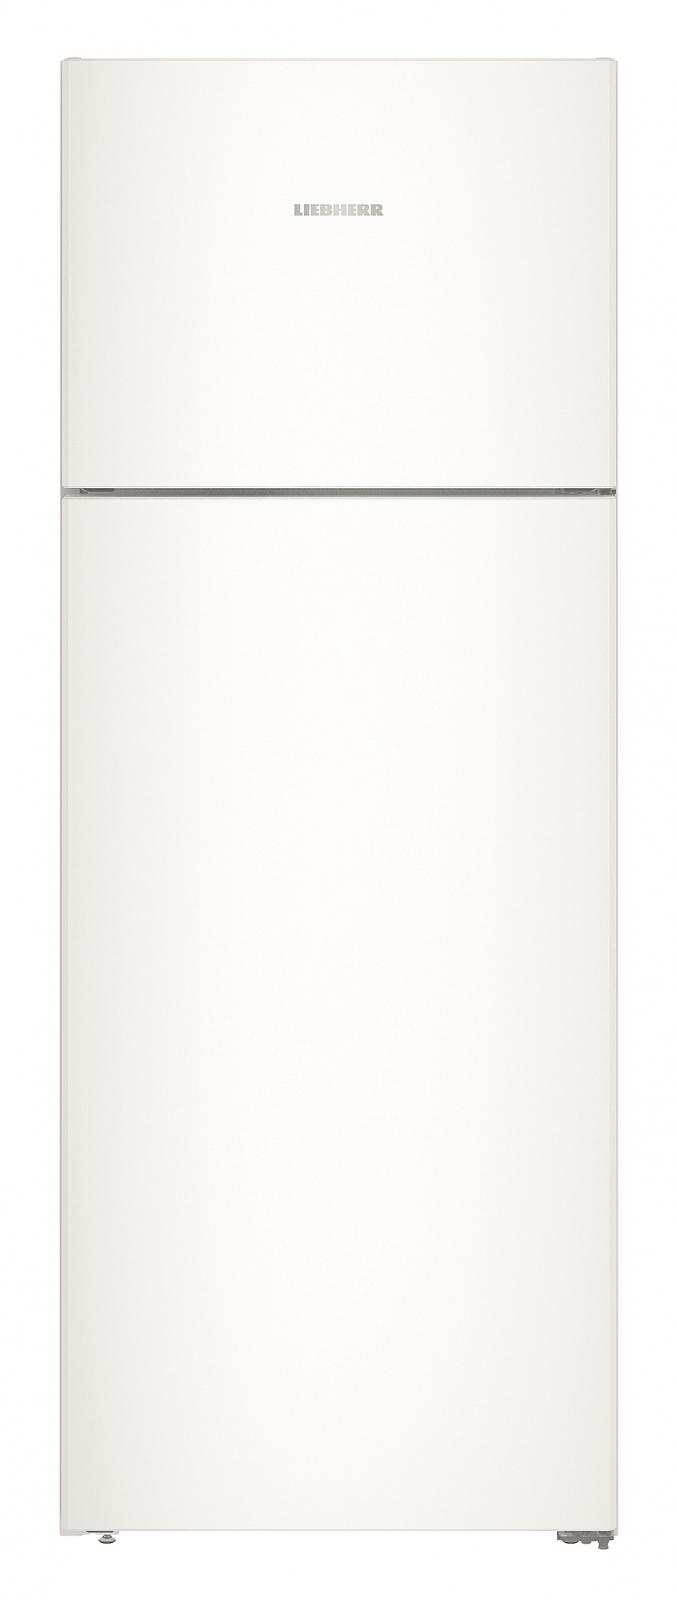 купить Двухкамерный холодильник Liebherr CTN 5215 Украина фото 3